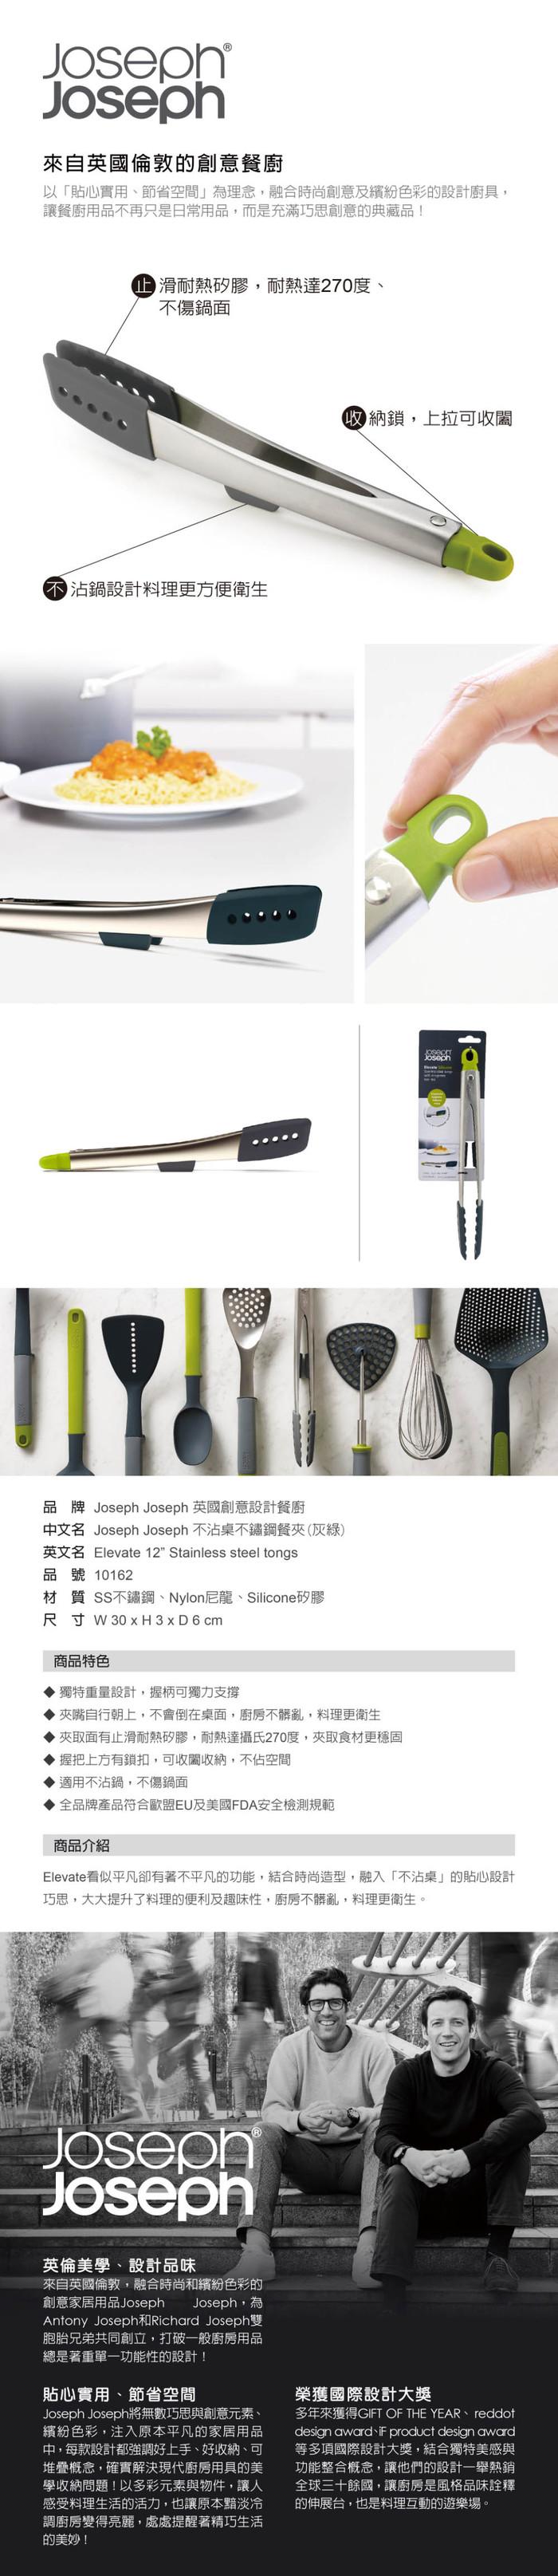 (複製)Joseph Joseph|英國創意餐廚 水槽清潔工具收納架(綠)